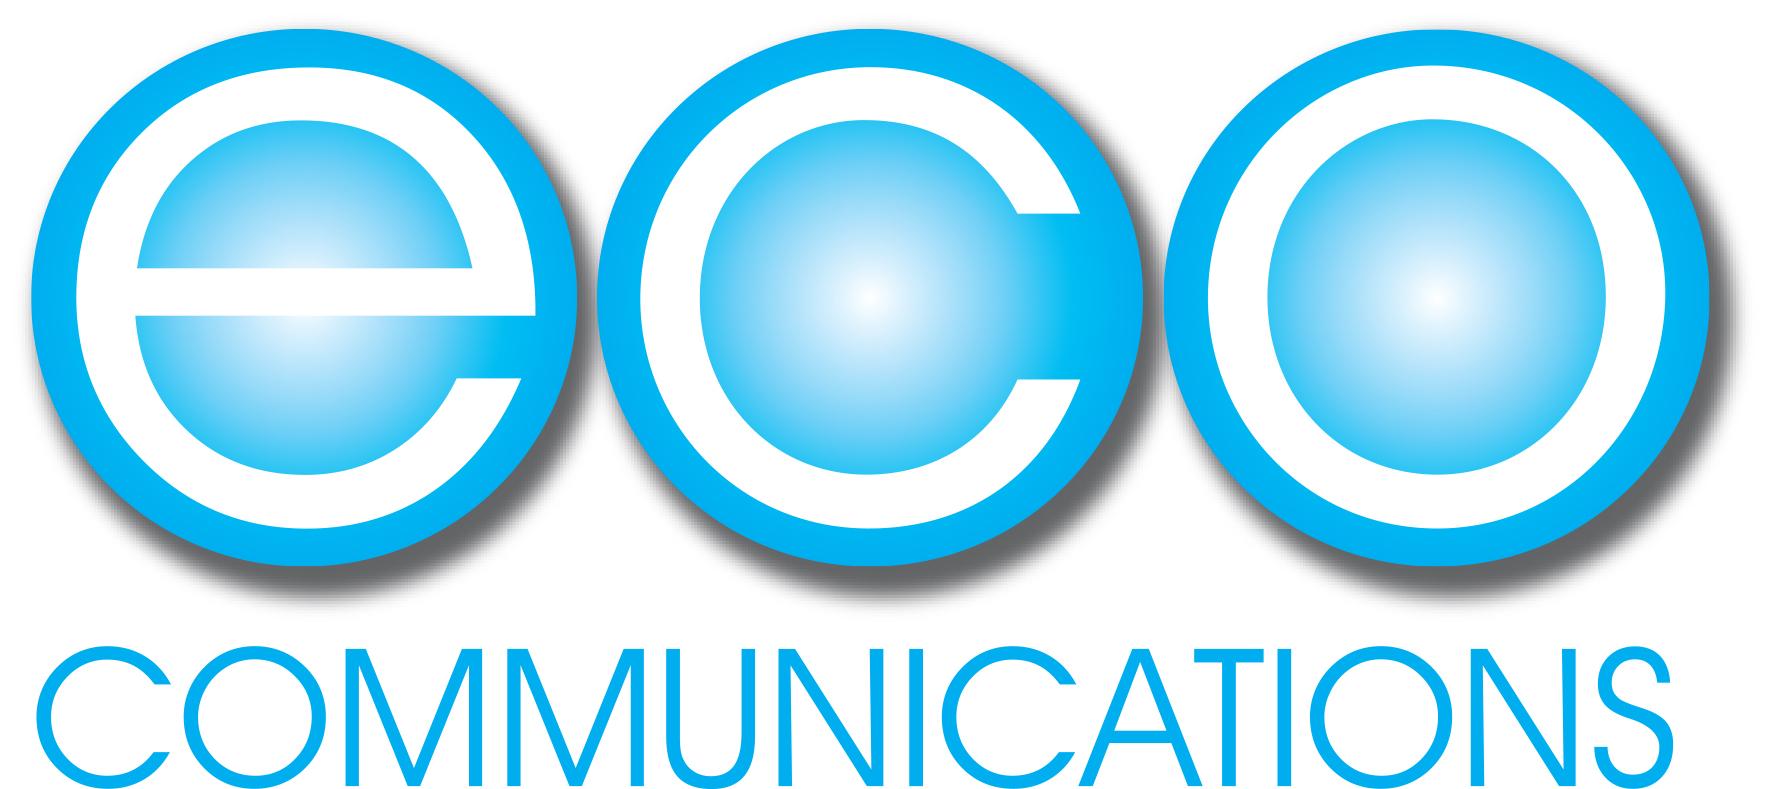 Eco Communications